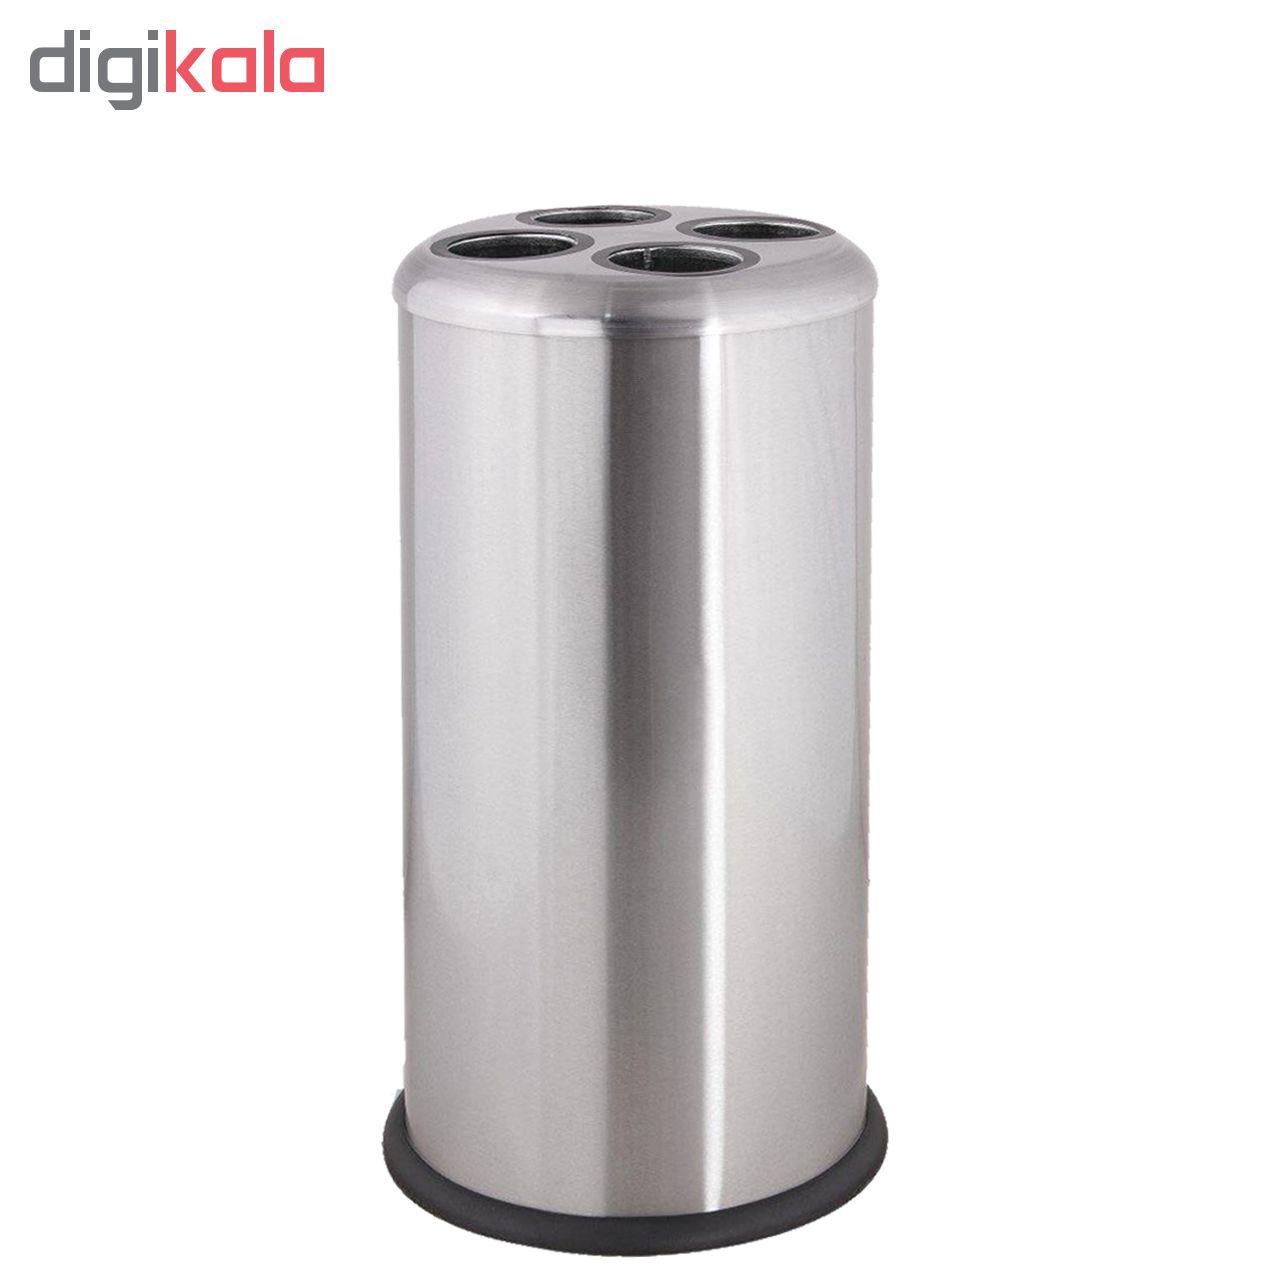 قیمت خرید سطل زباله مدل B140 اورجینال